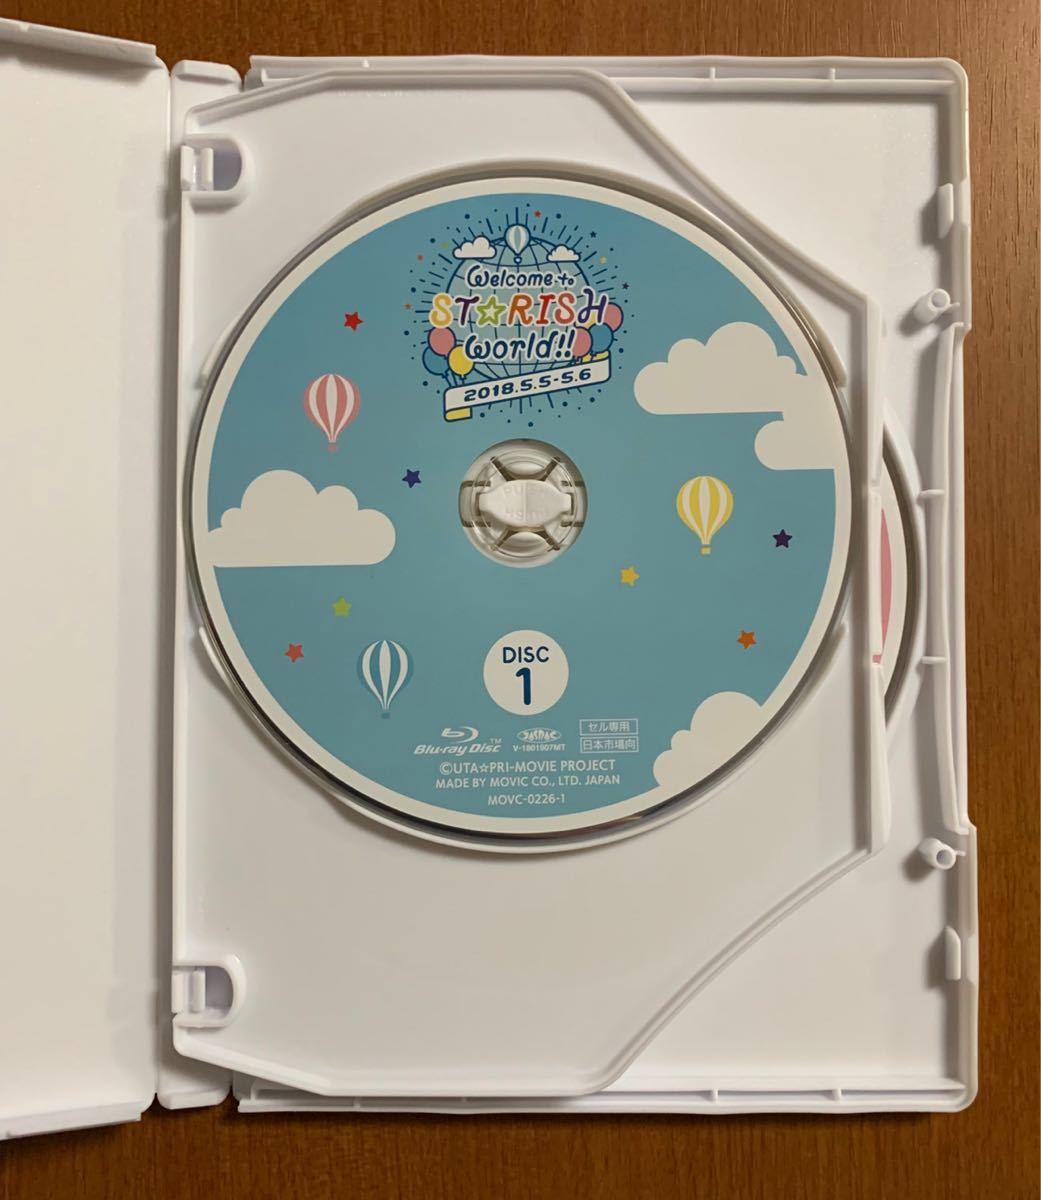 うたの☆プリンスさまっ♪ ST☆RISHファンミーティング Welcome to ST☆RISH world!! (Blu-ray)_画像3